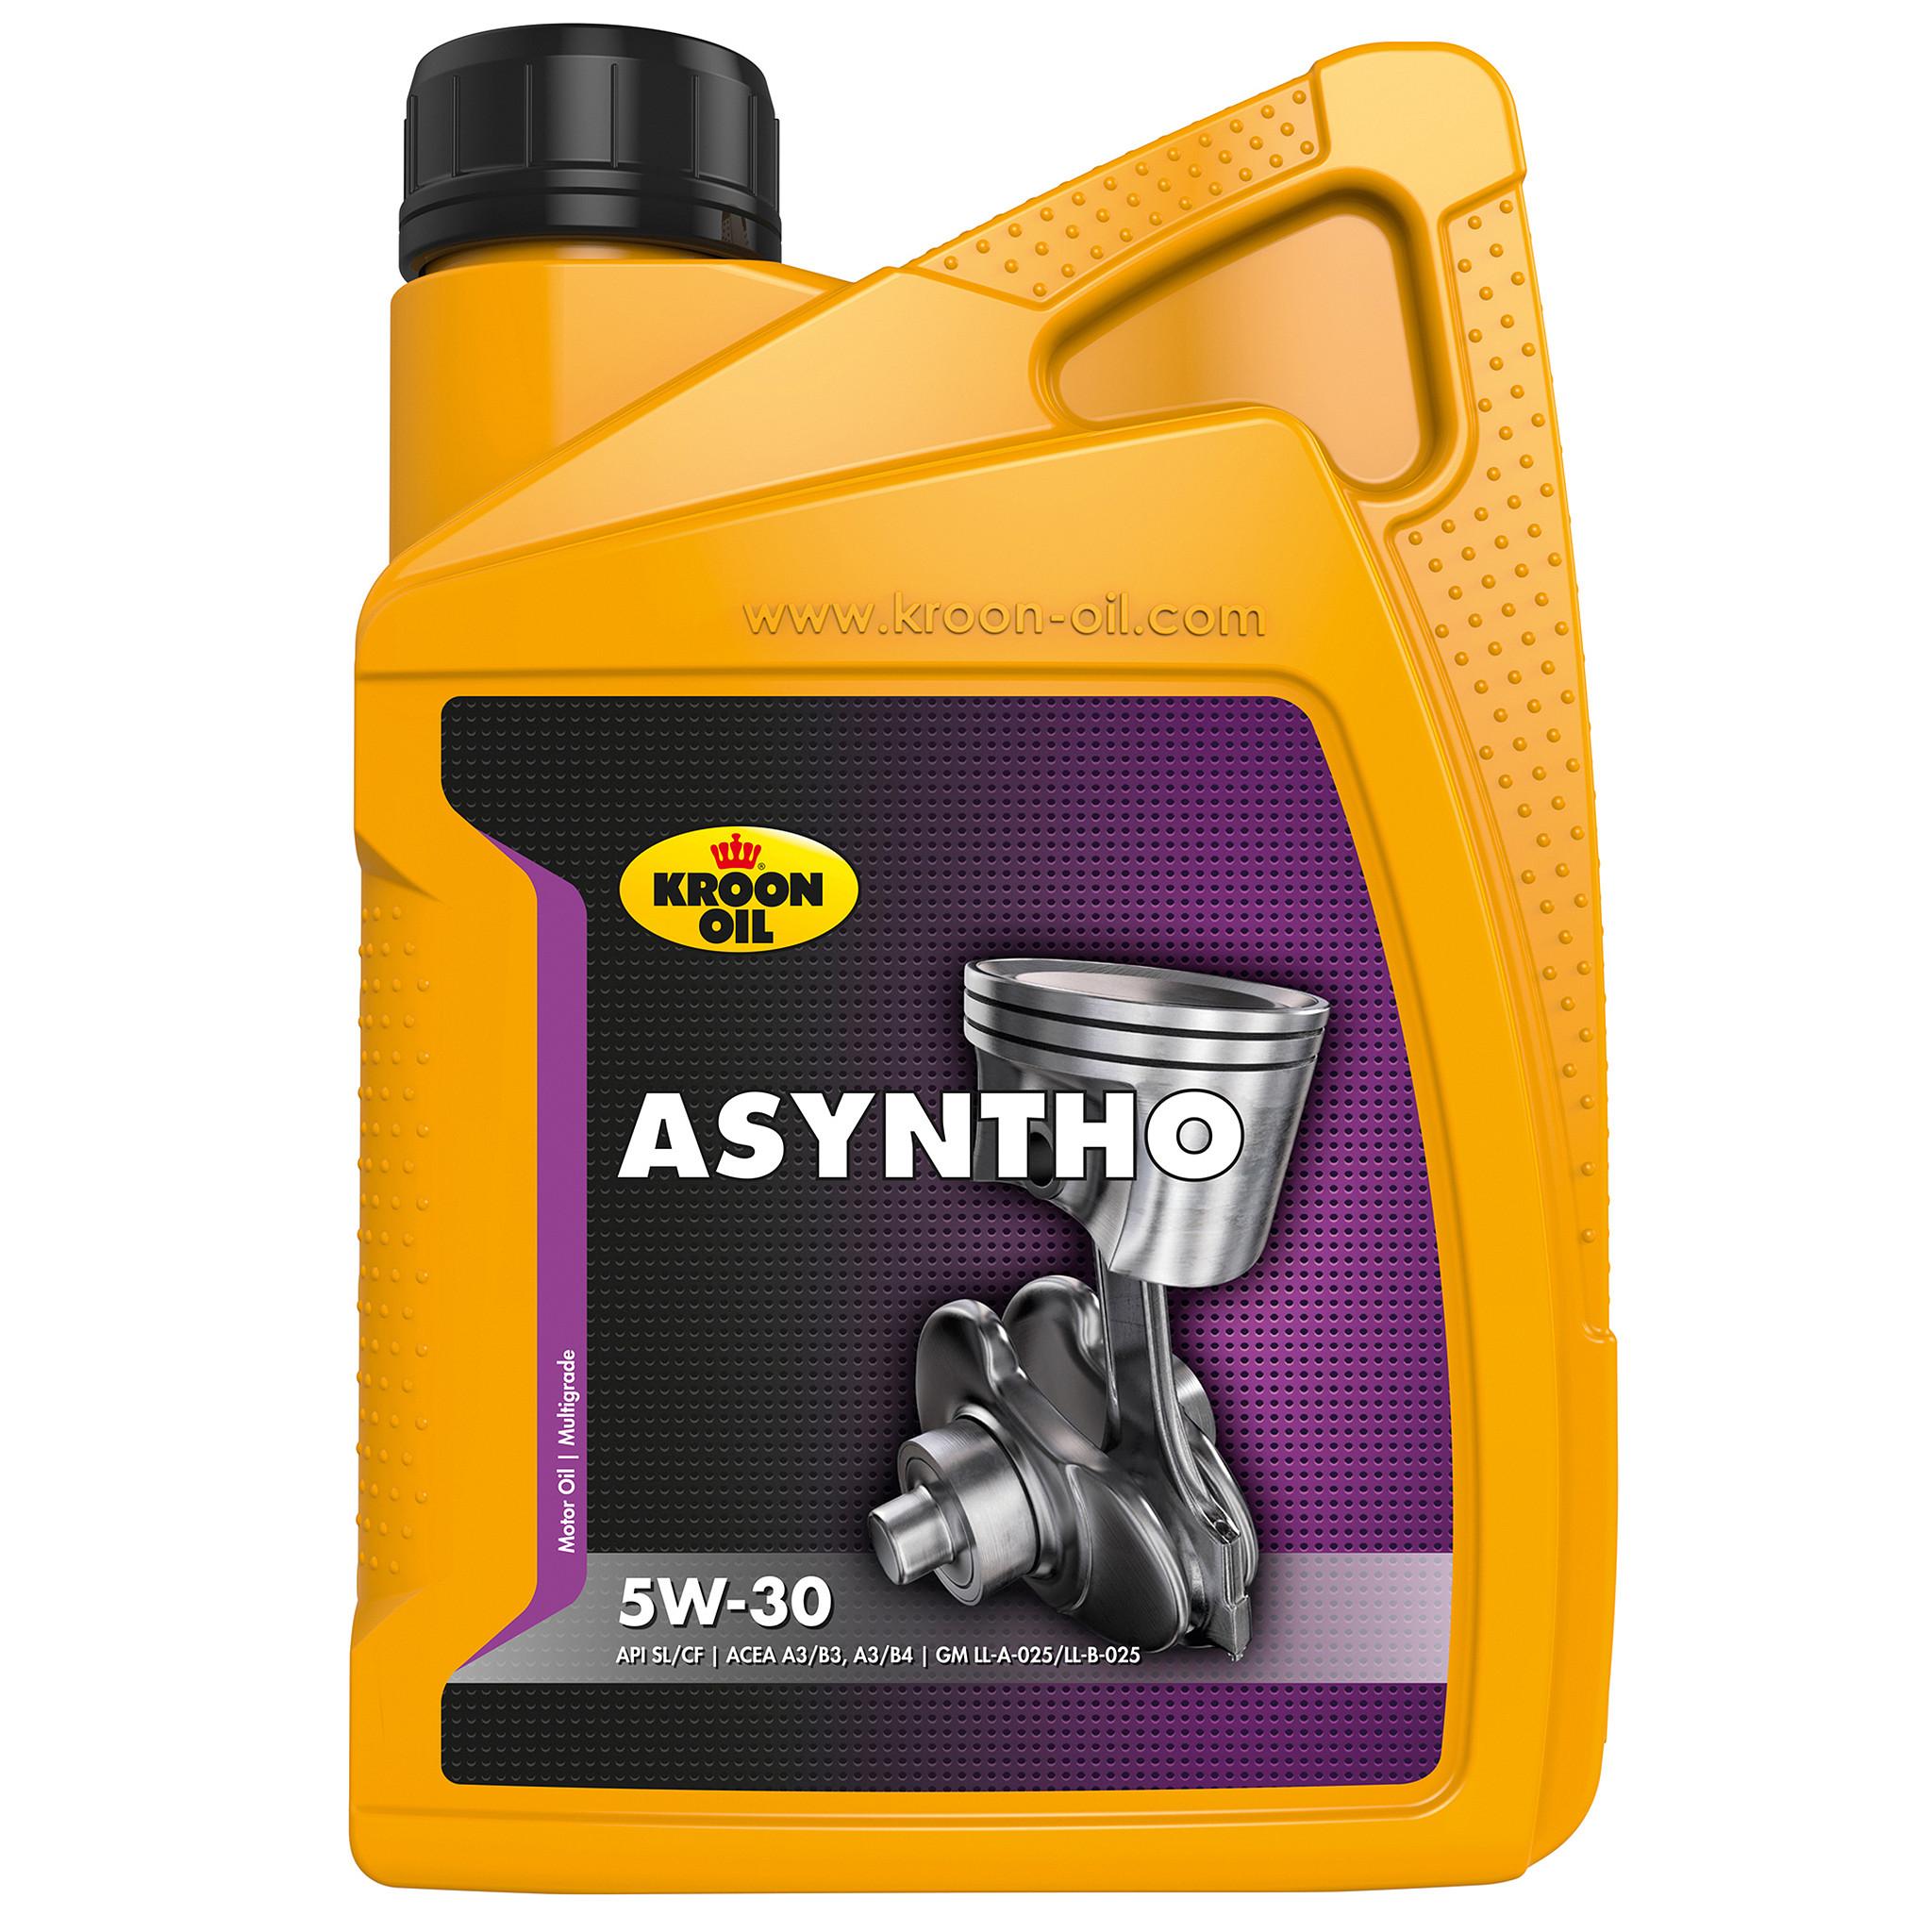 Kroon Oil Motorolie Asyntho 5W-30